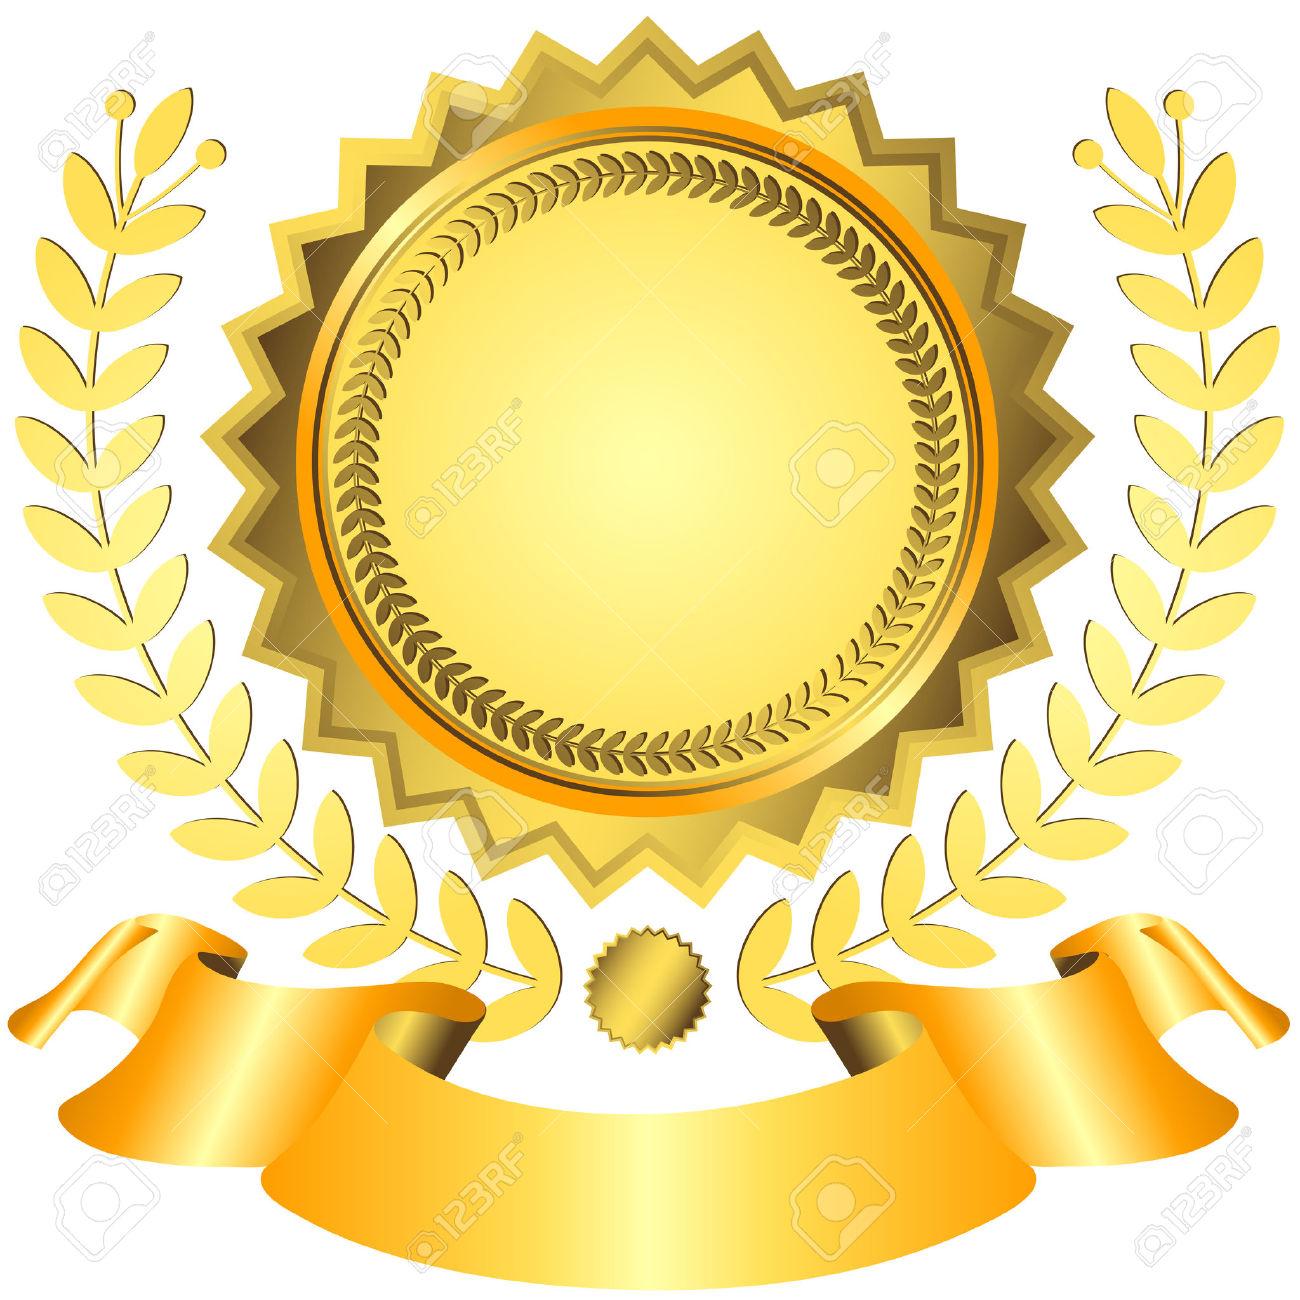 Medal And Ribbon Stock Photos By OlgaDrozdova At 123 Royalty Free.